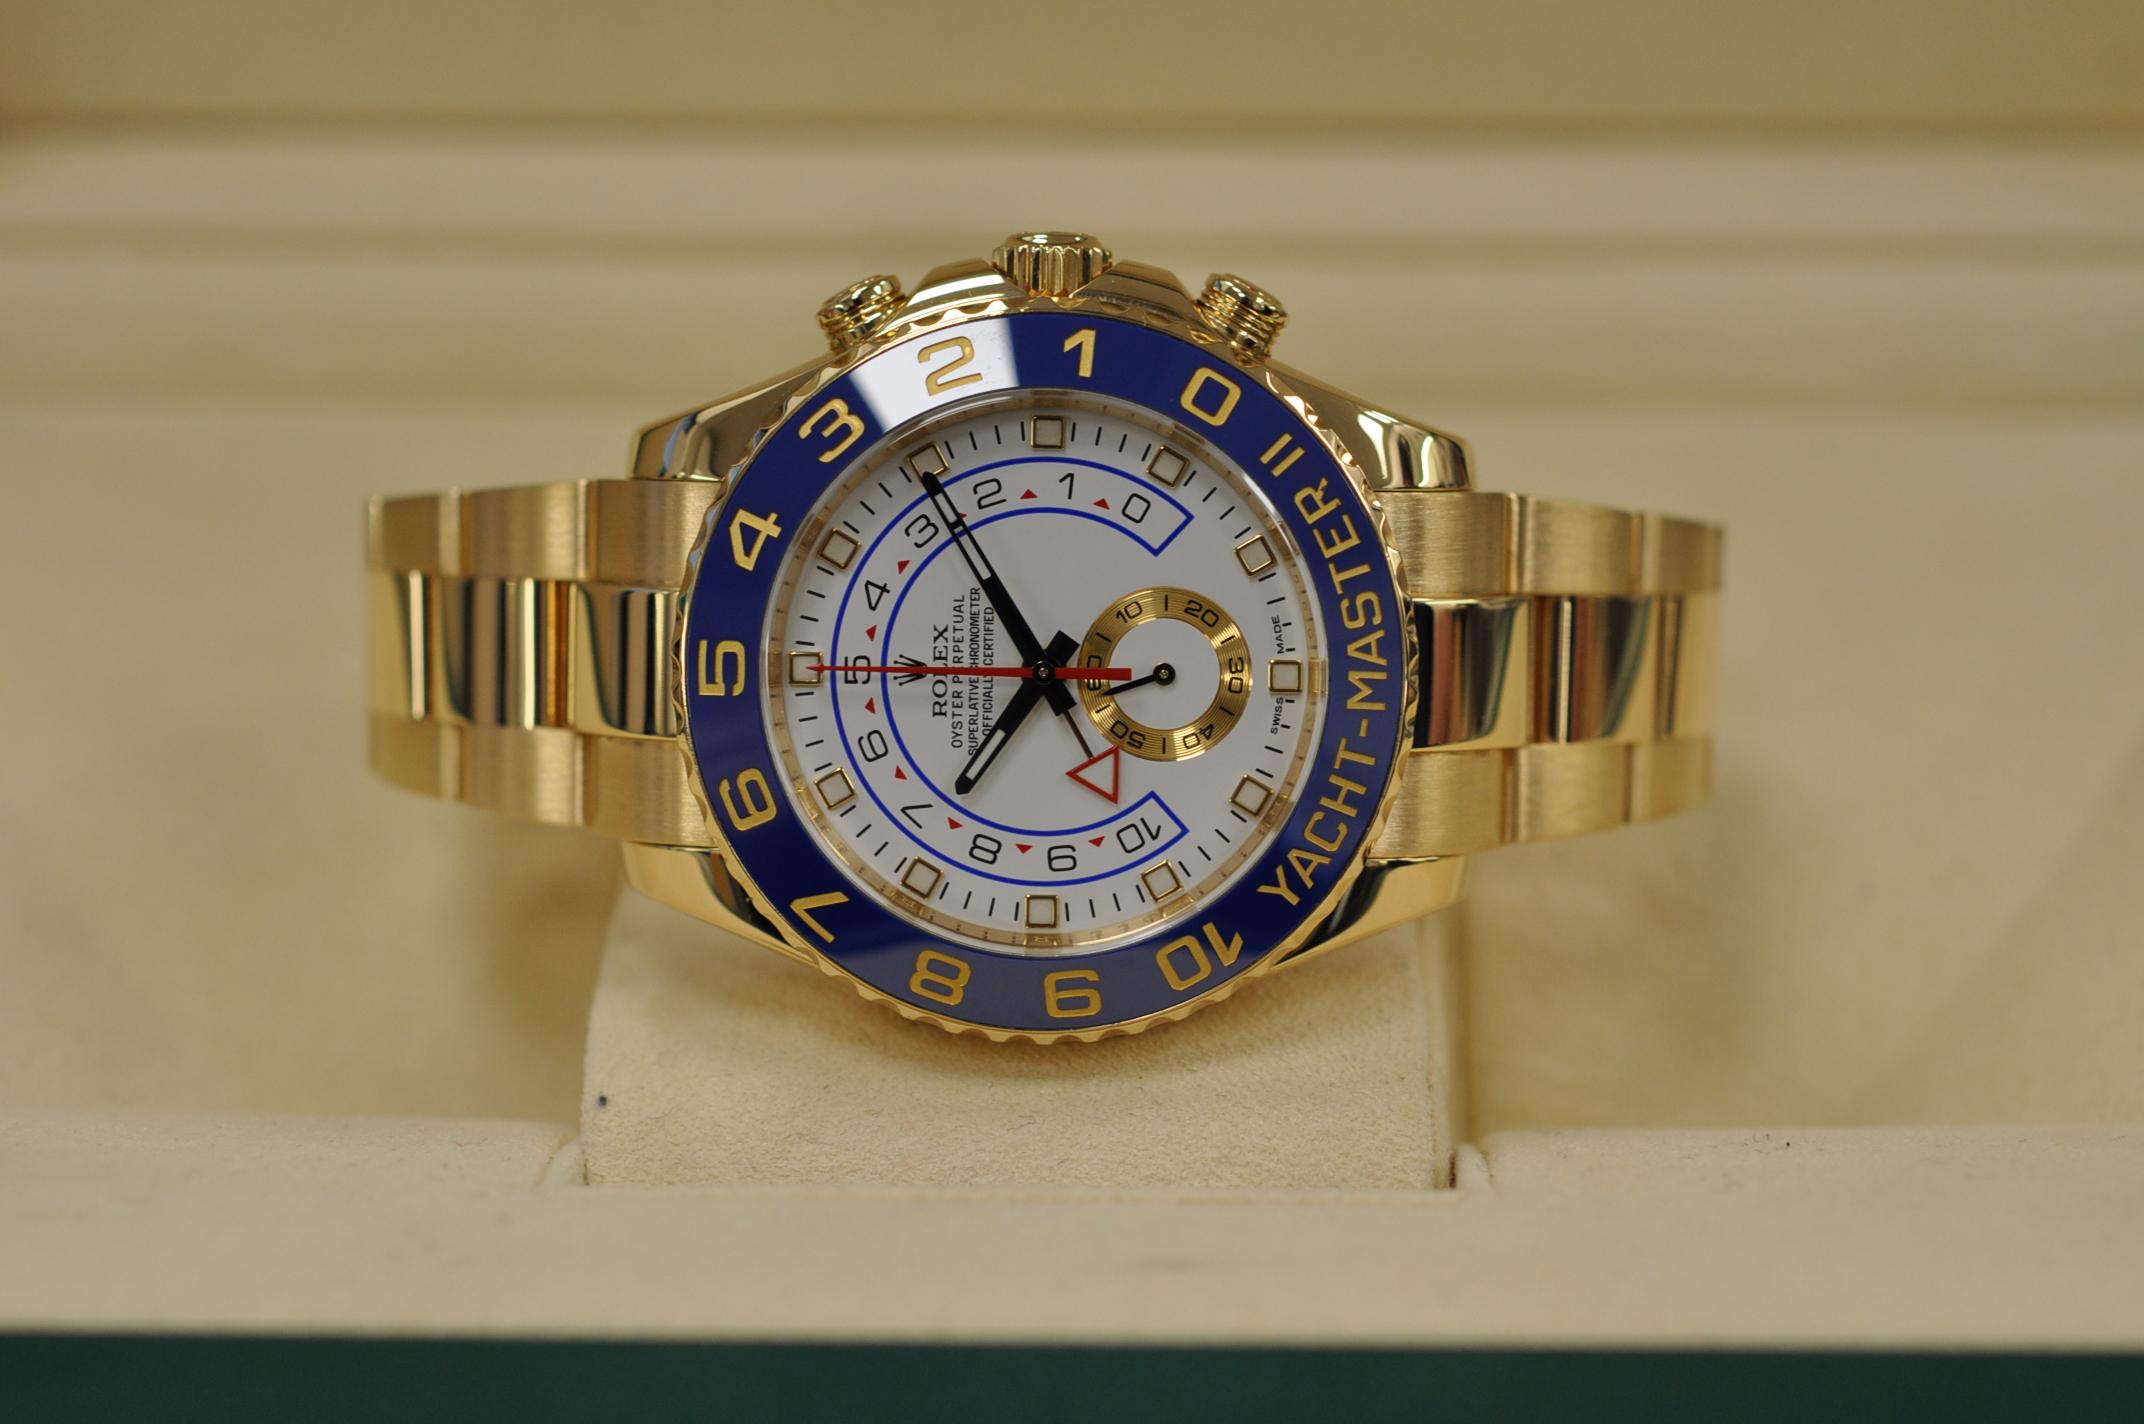 2016 Gold Yachtmaster II 116688